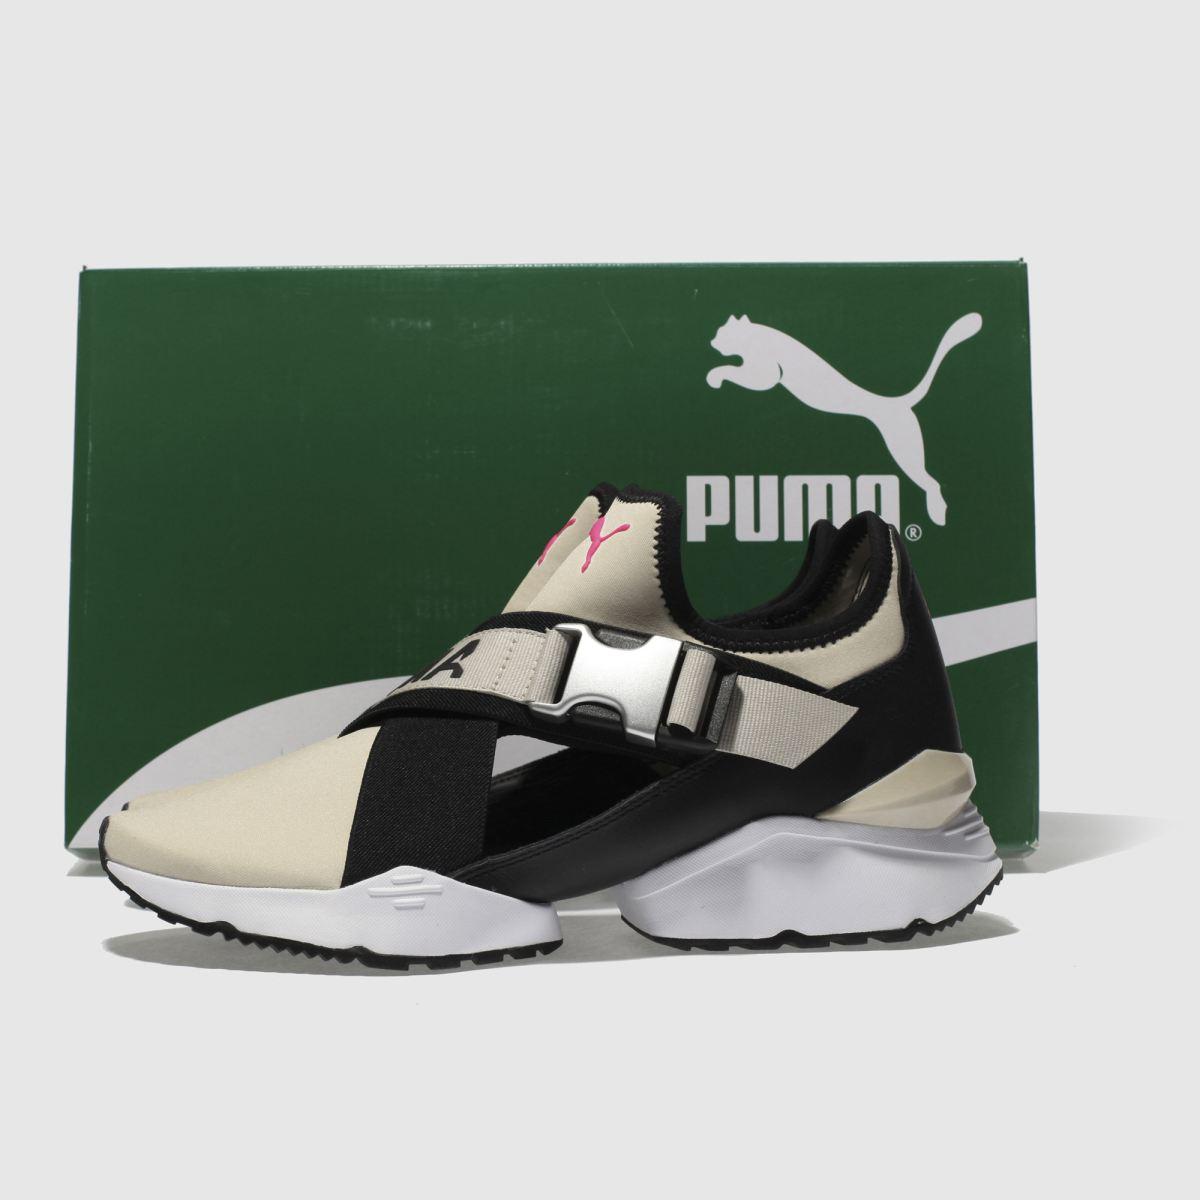 Damen Steingrau-schwarz Gute puma Muse Eso Sneaker | schuh Gute Steingrau-schwarz Qualität beliebte Schuhe 444881